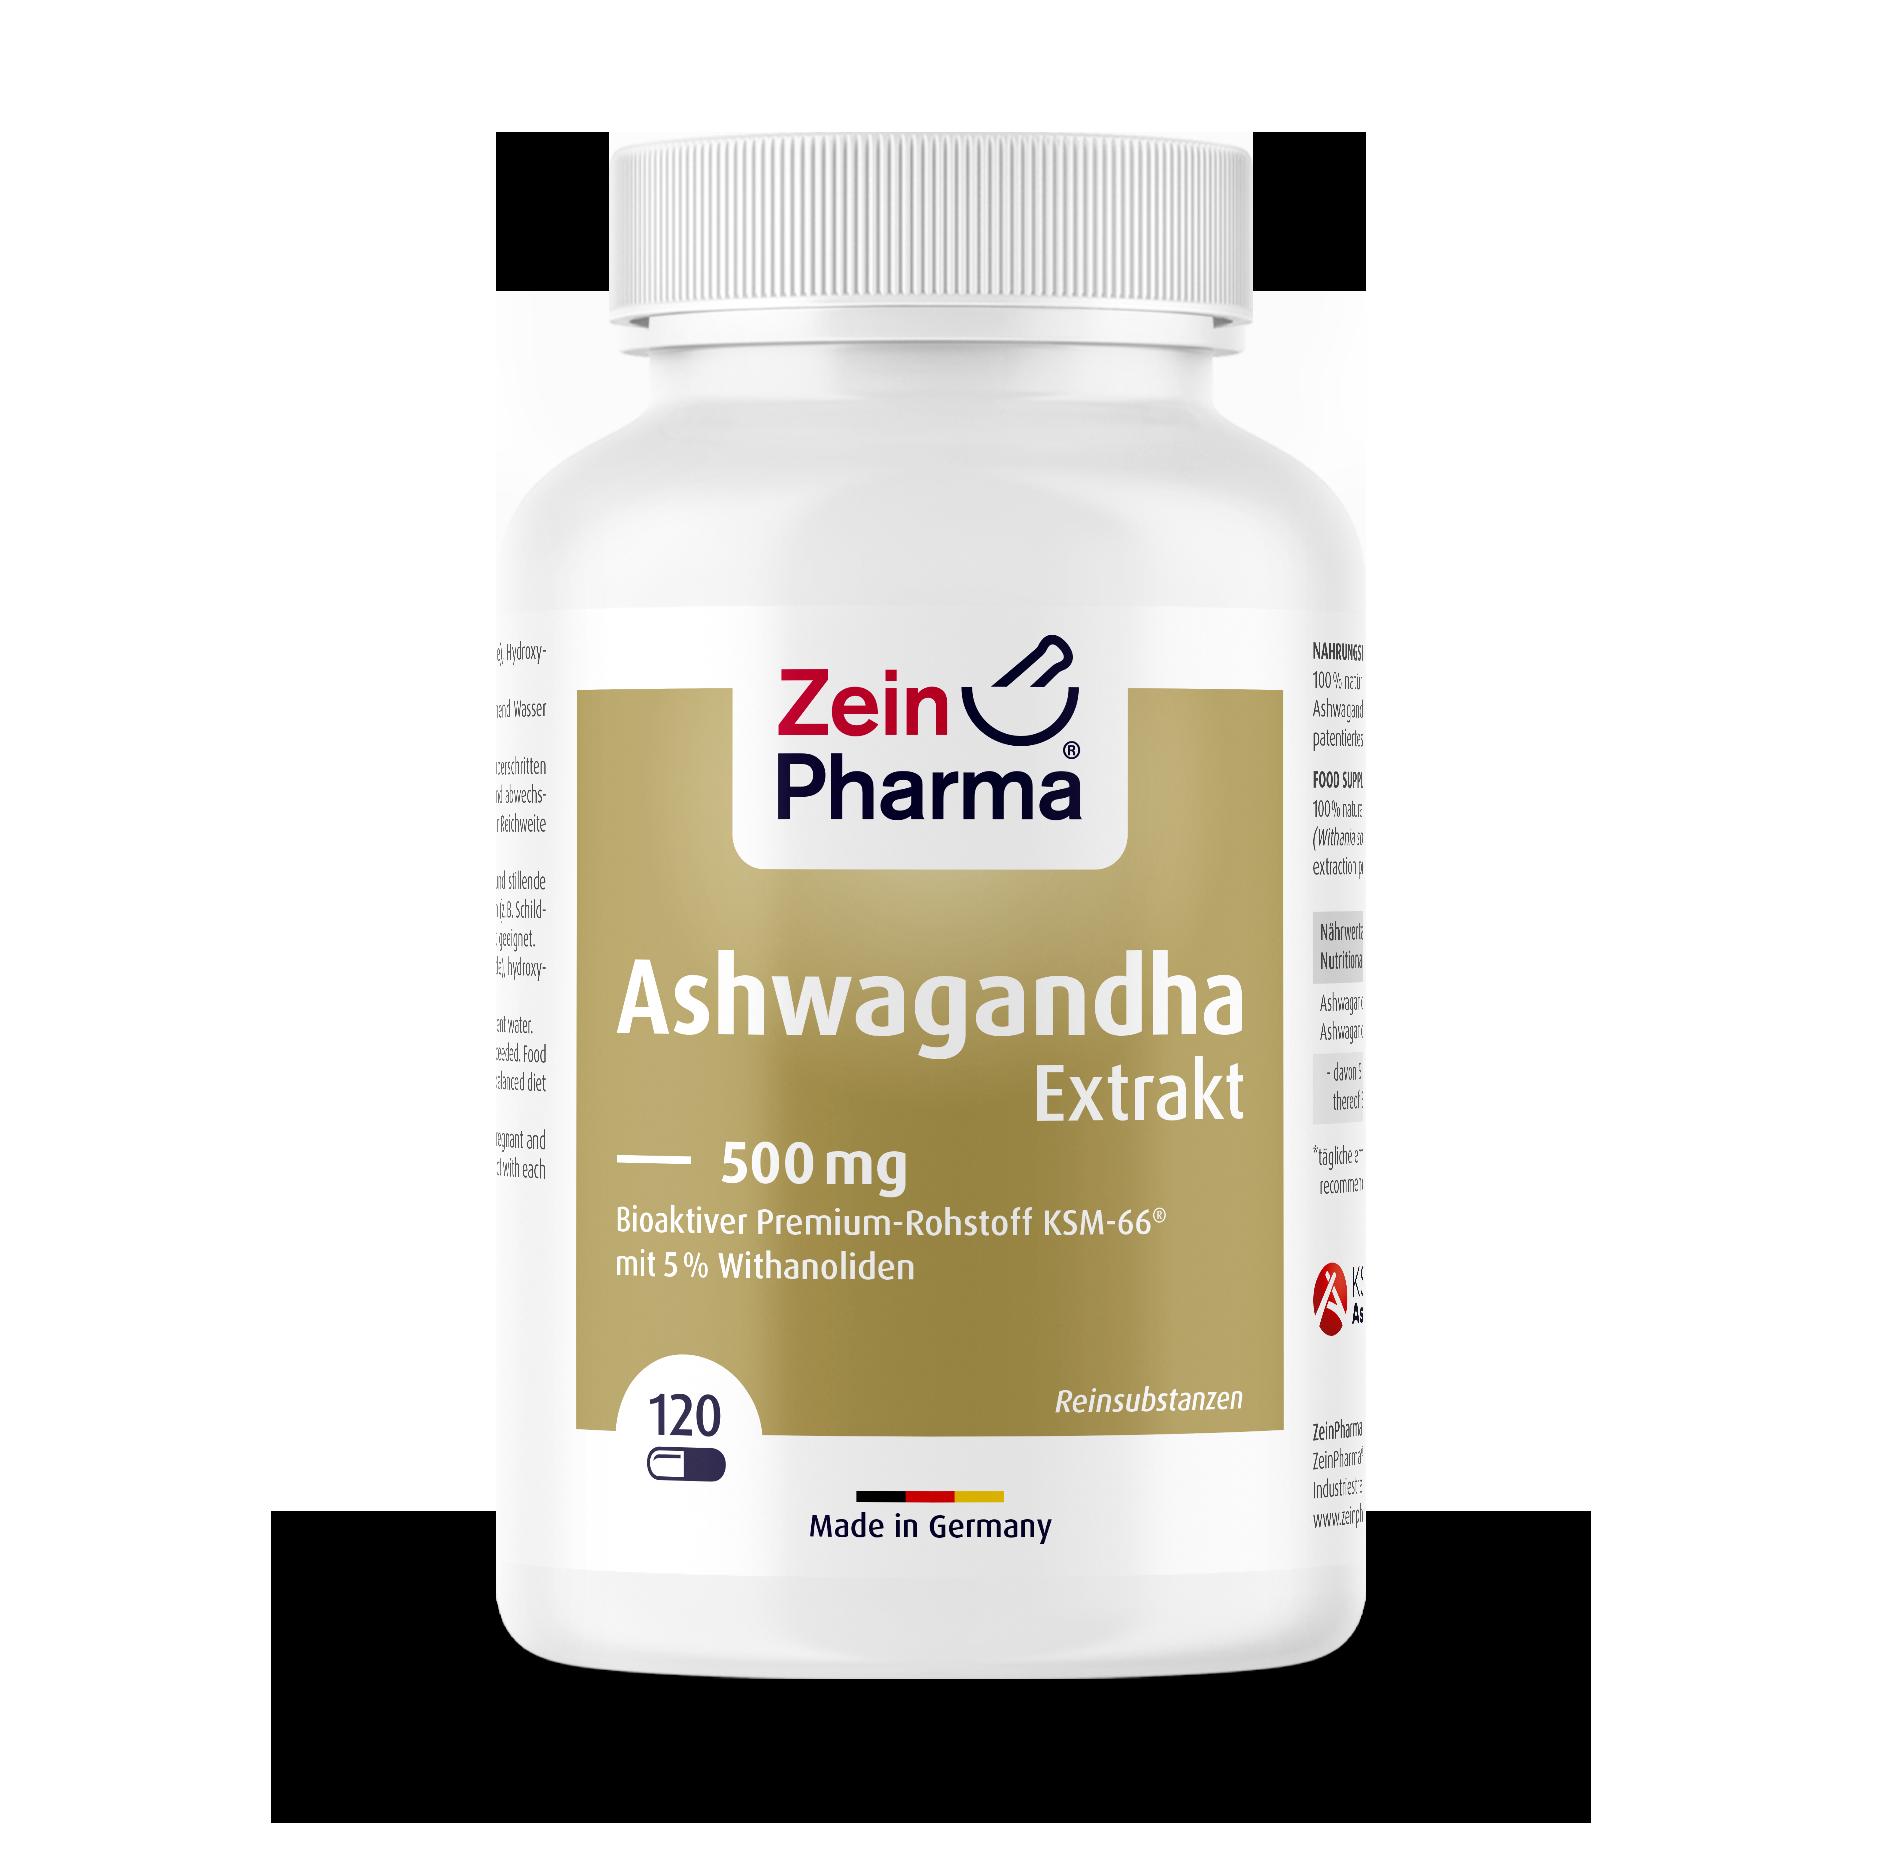 Ashwagandha Extract 500 mg Capsules